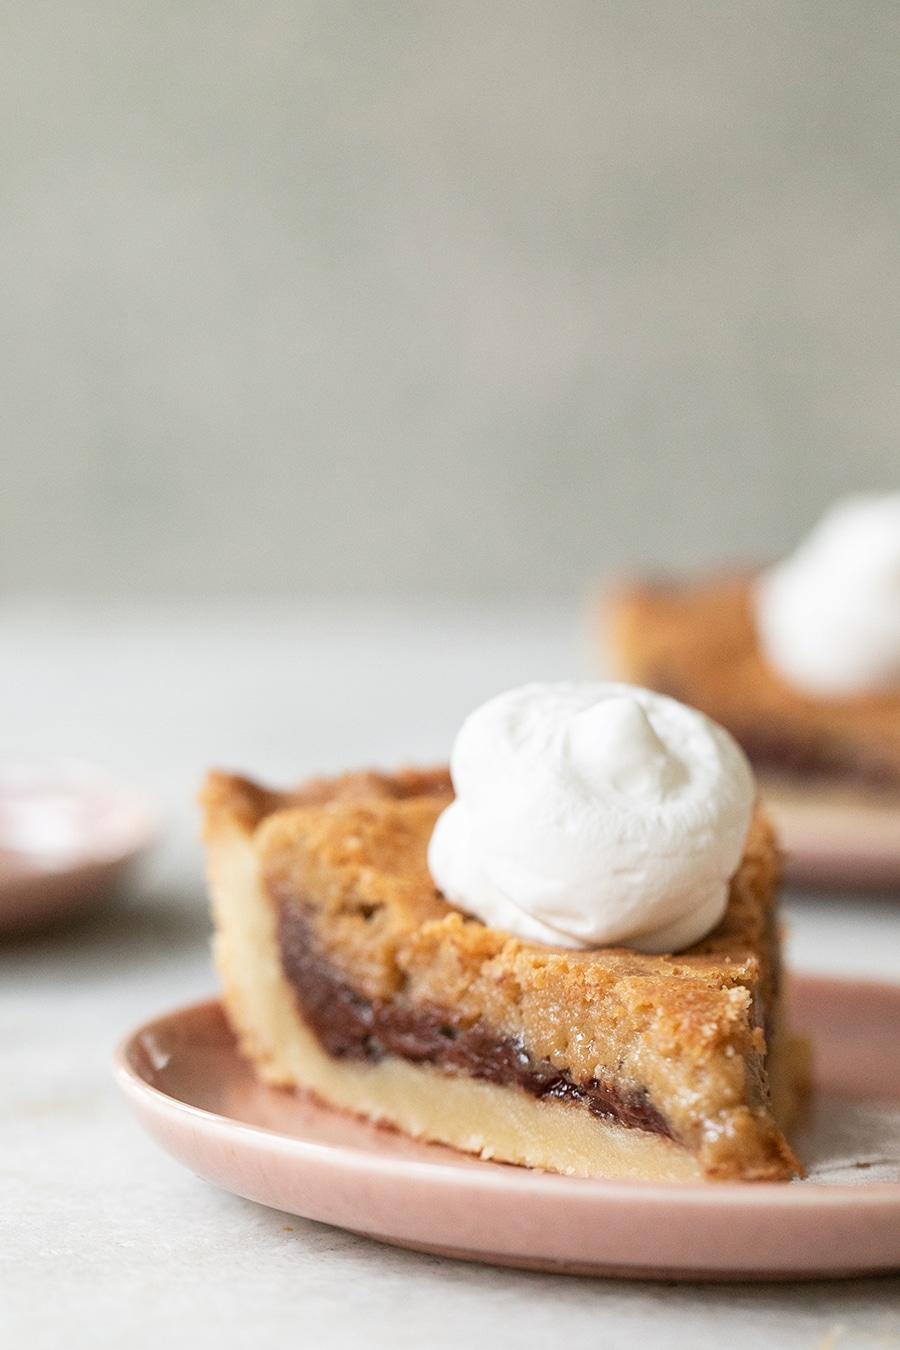 shot of pie